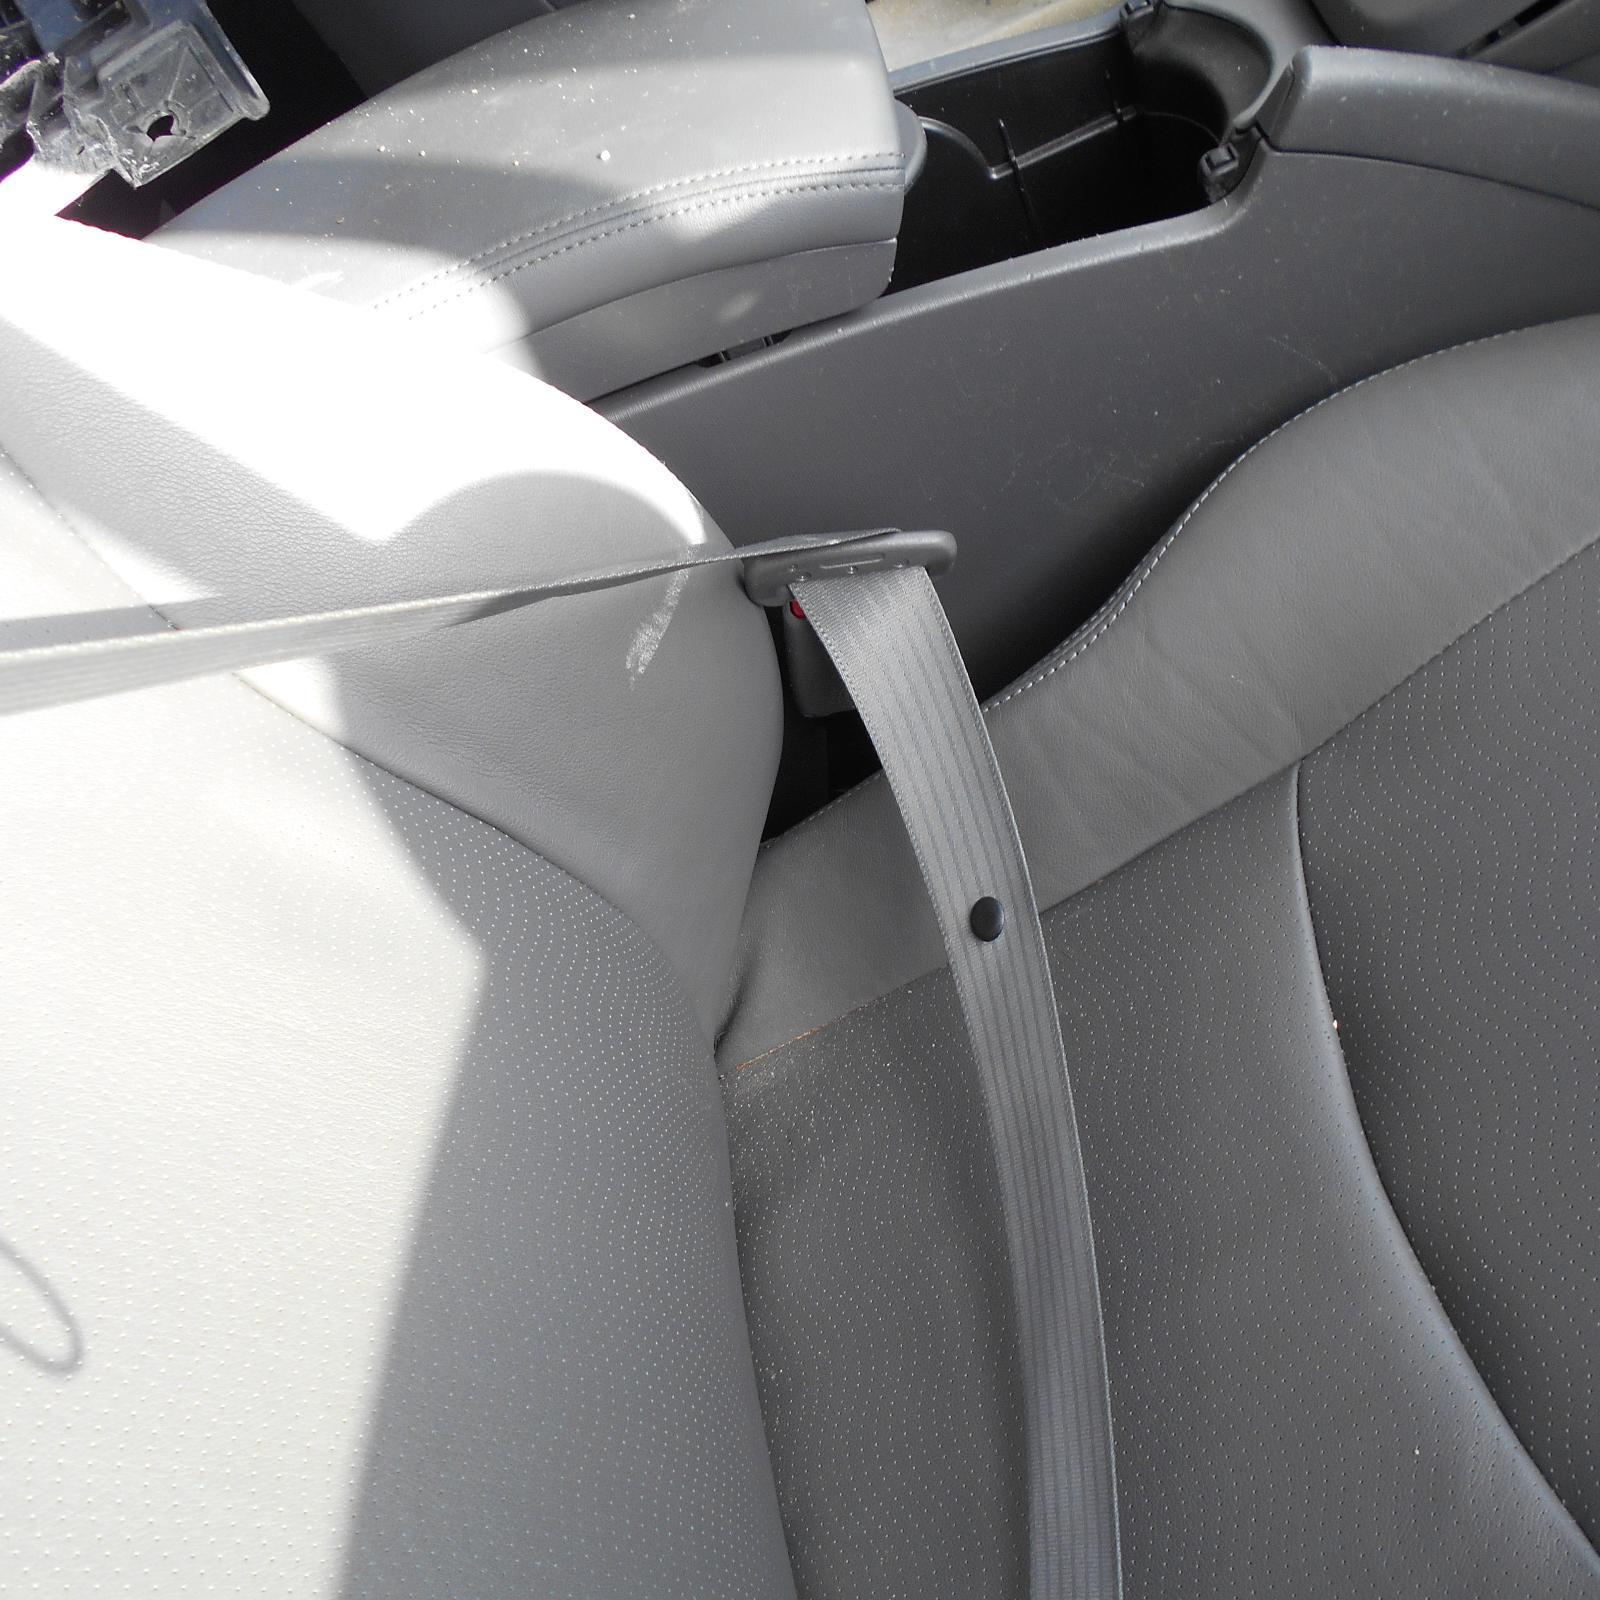 TOYOTA PRIUS, Seatbelt/Stalk, RH FRONT, SEAT BELT STALK ONLY, ZVW30R, 07/09-12/15